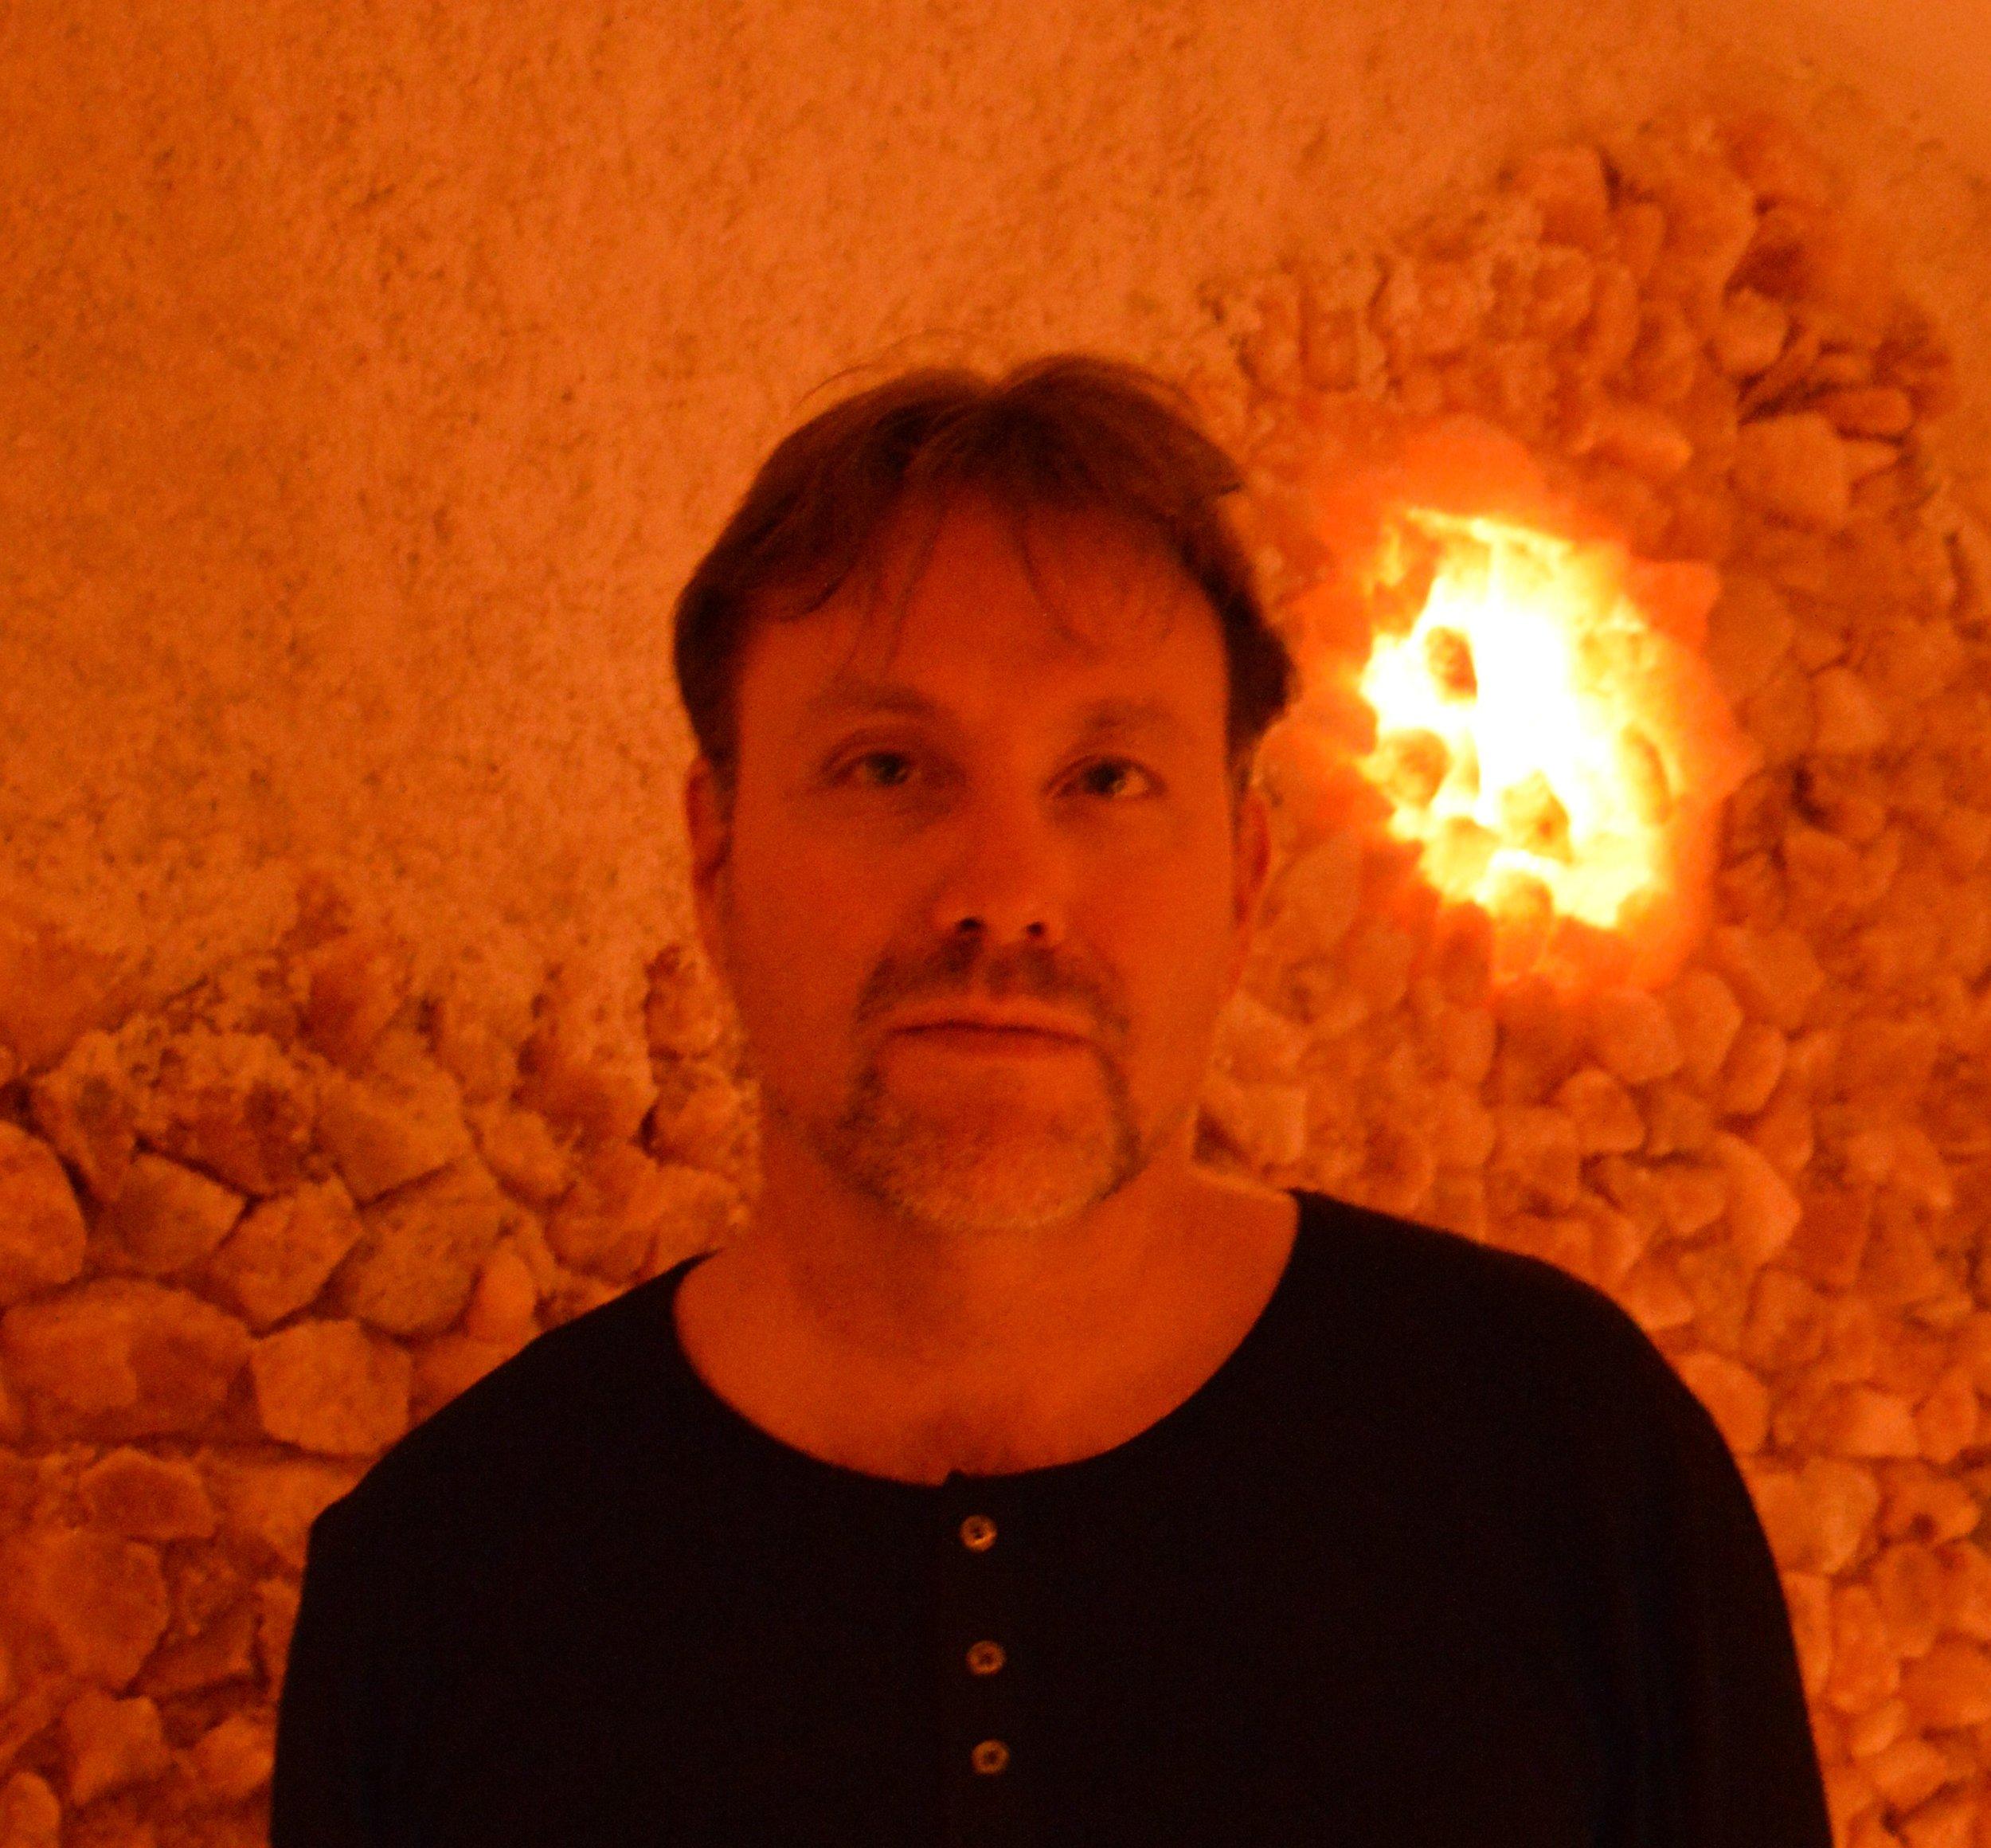 Magnus Pamp medverkar tillsammans med Kia Enbarr på Midvinterglöd, där de ämnar trollbinda våra besökare med sitt magiska sagoberättande.